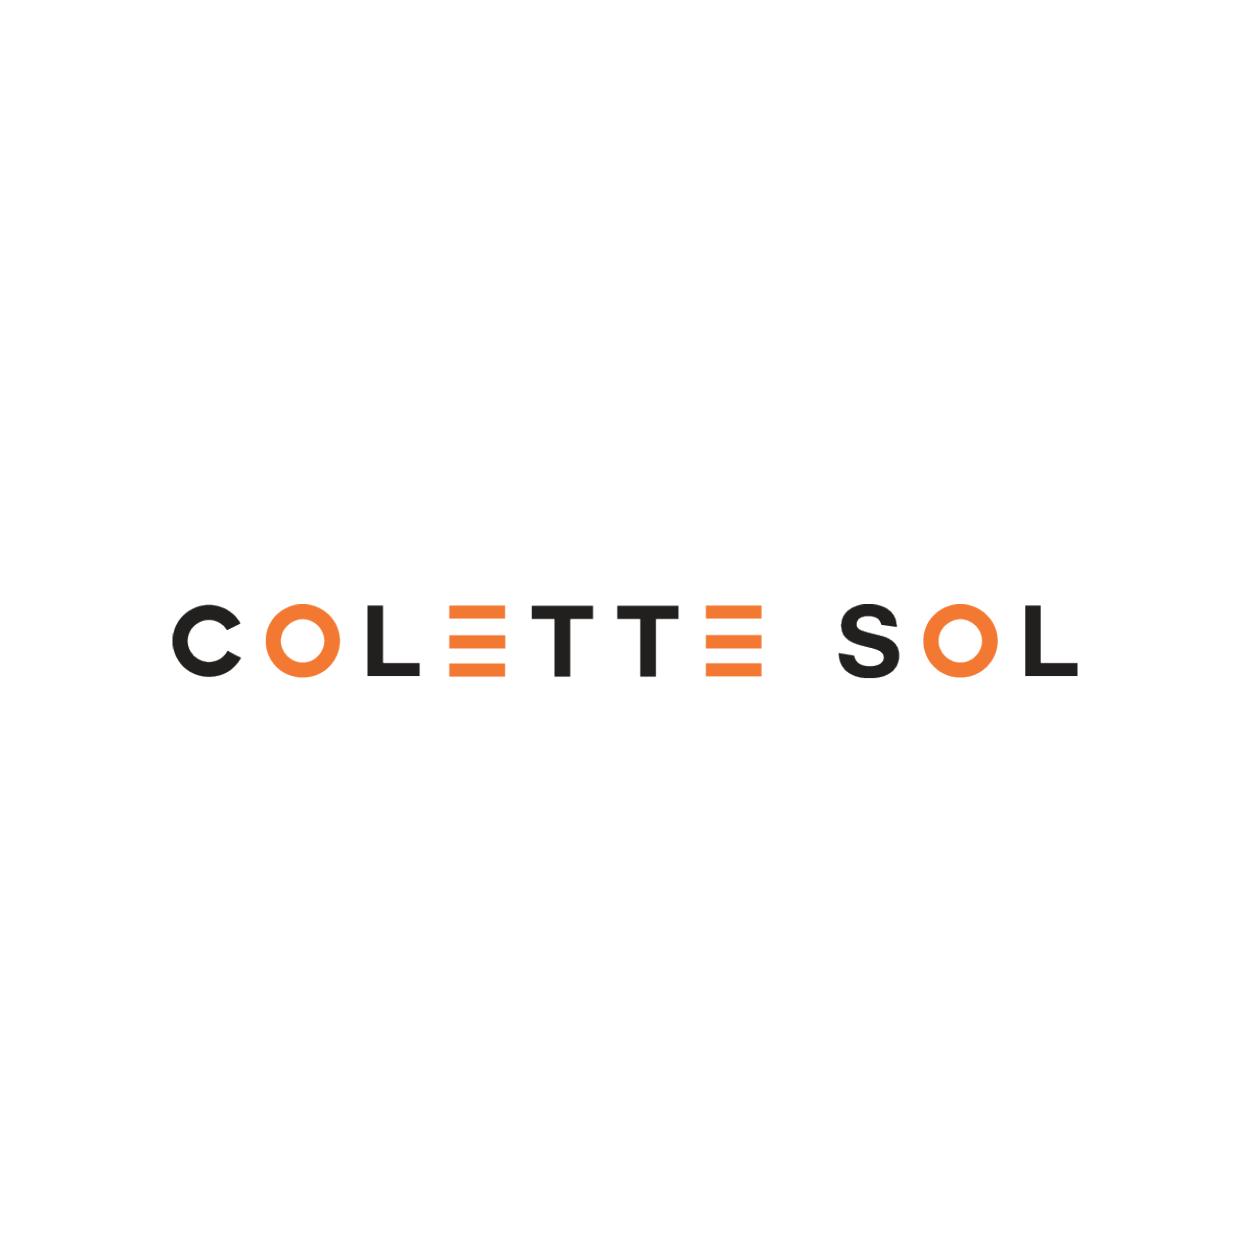 Colette Sol logo